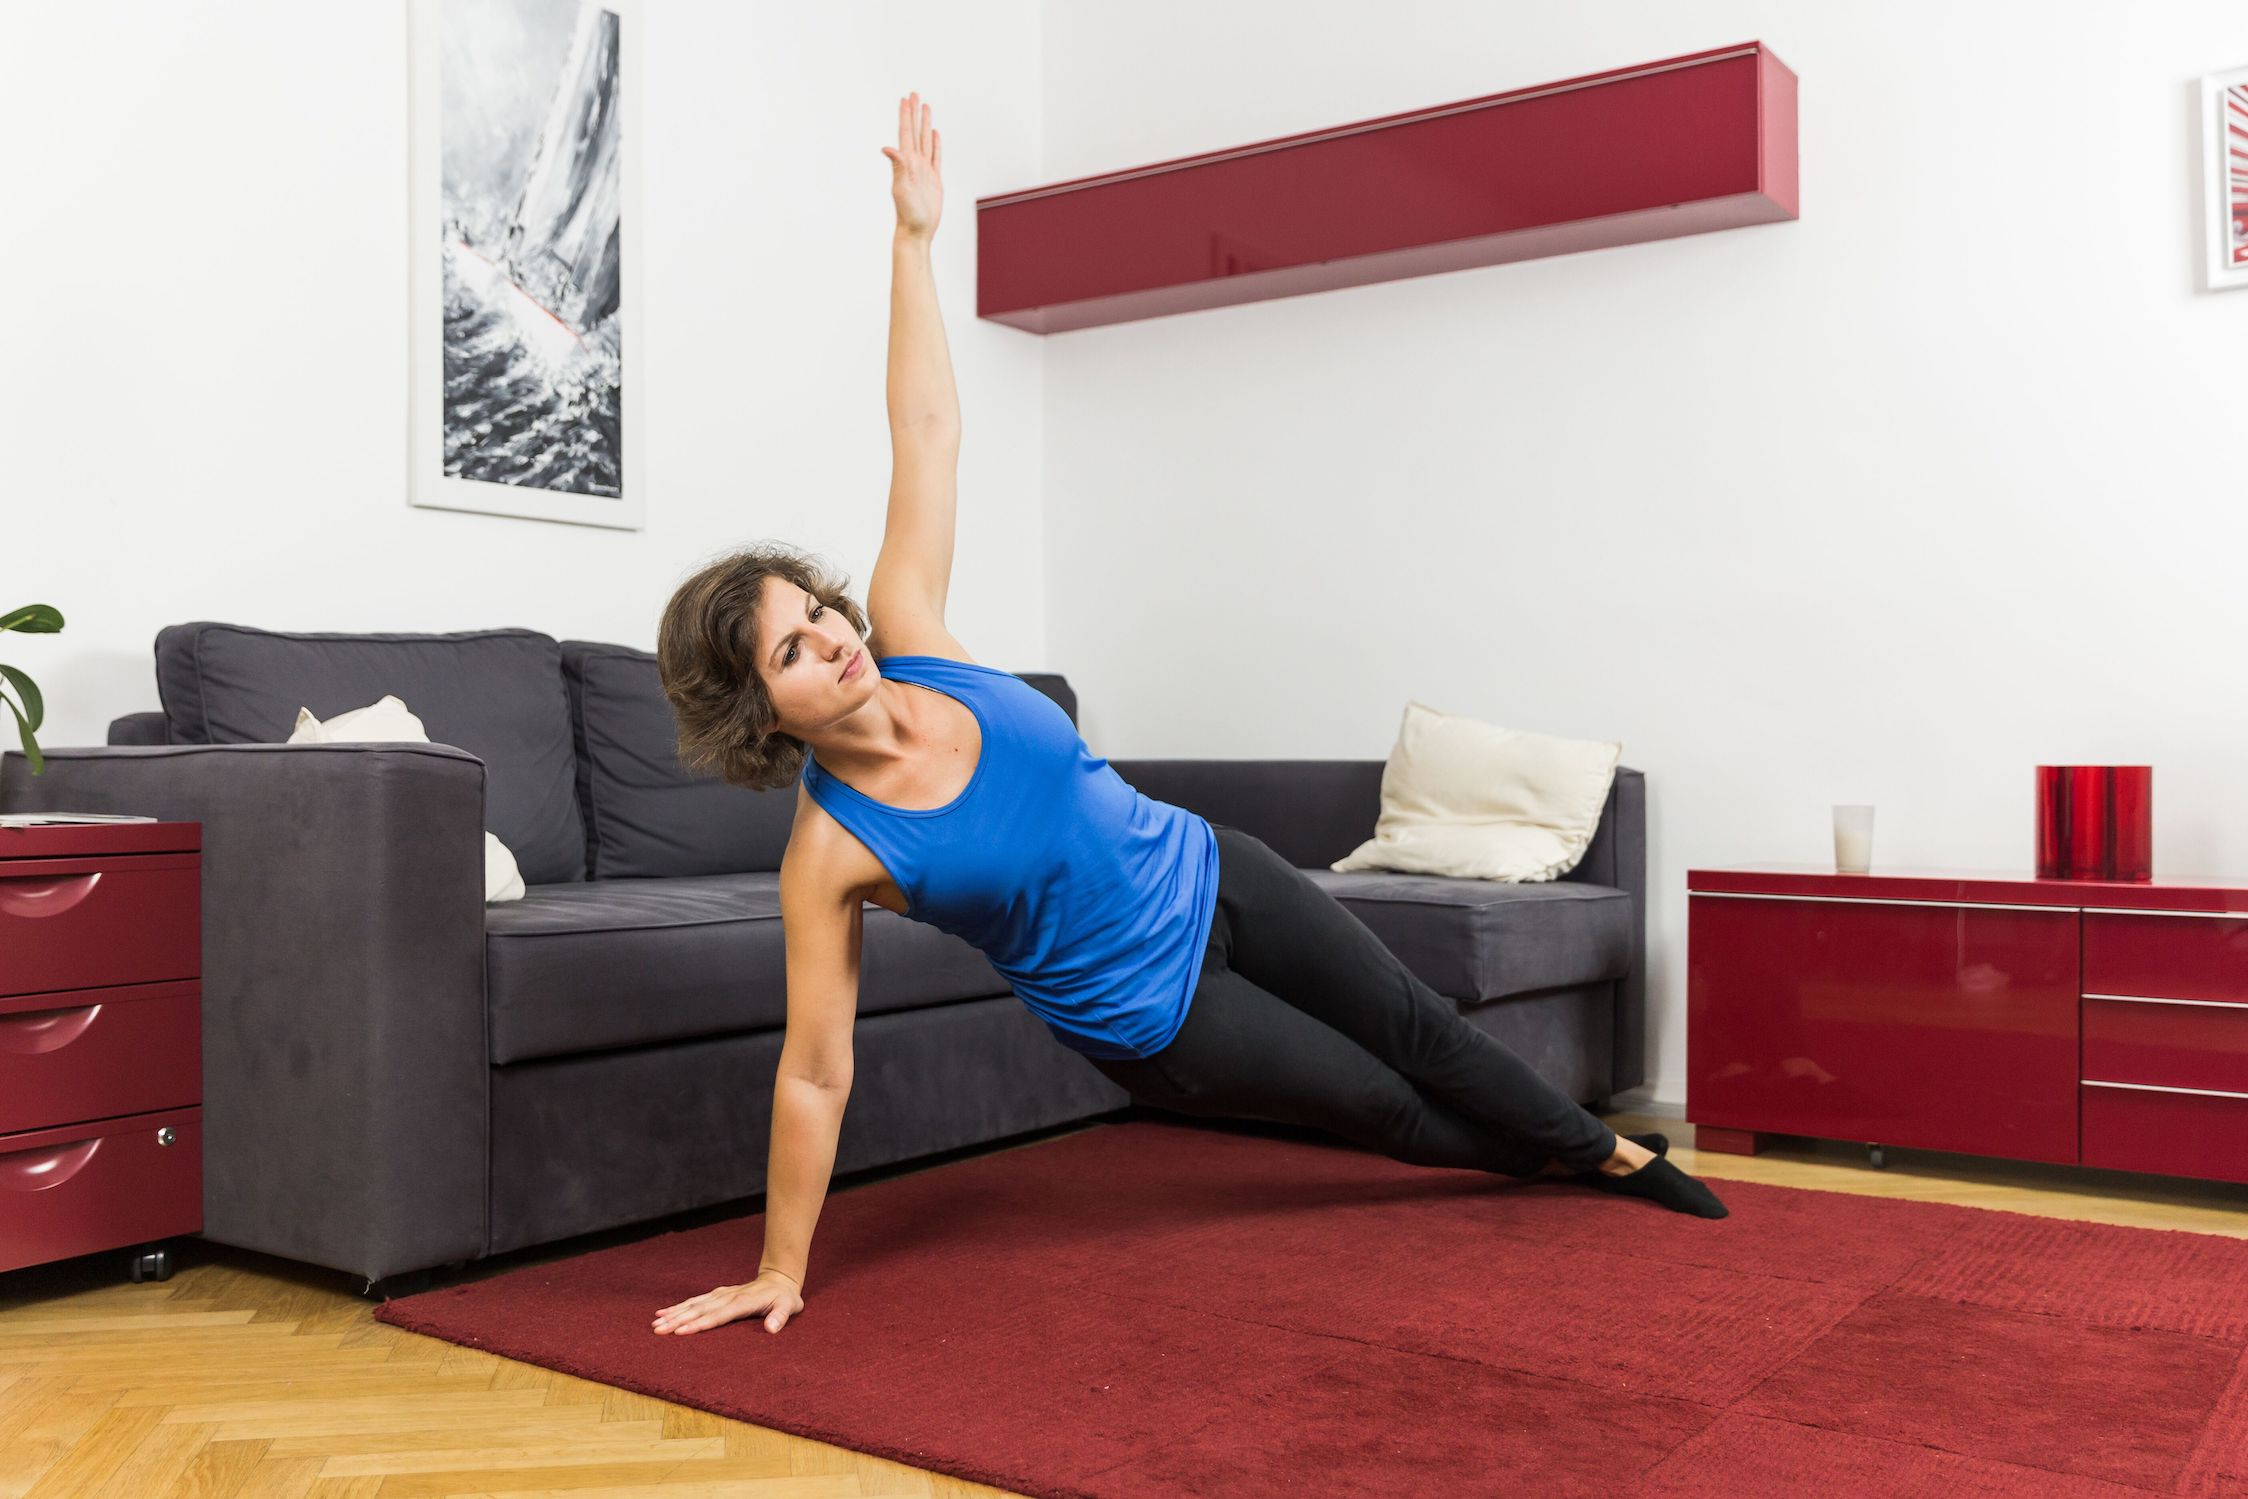 Die seitliche Rumpfrotation als Teil deiner Skigymnastik macht dich fit und stark.